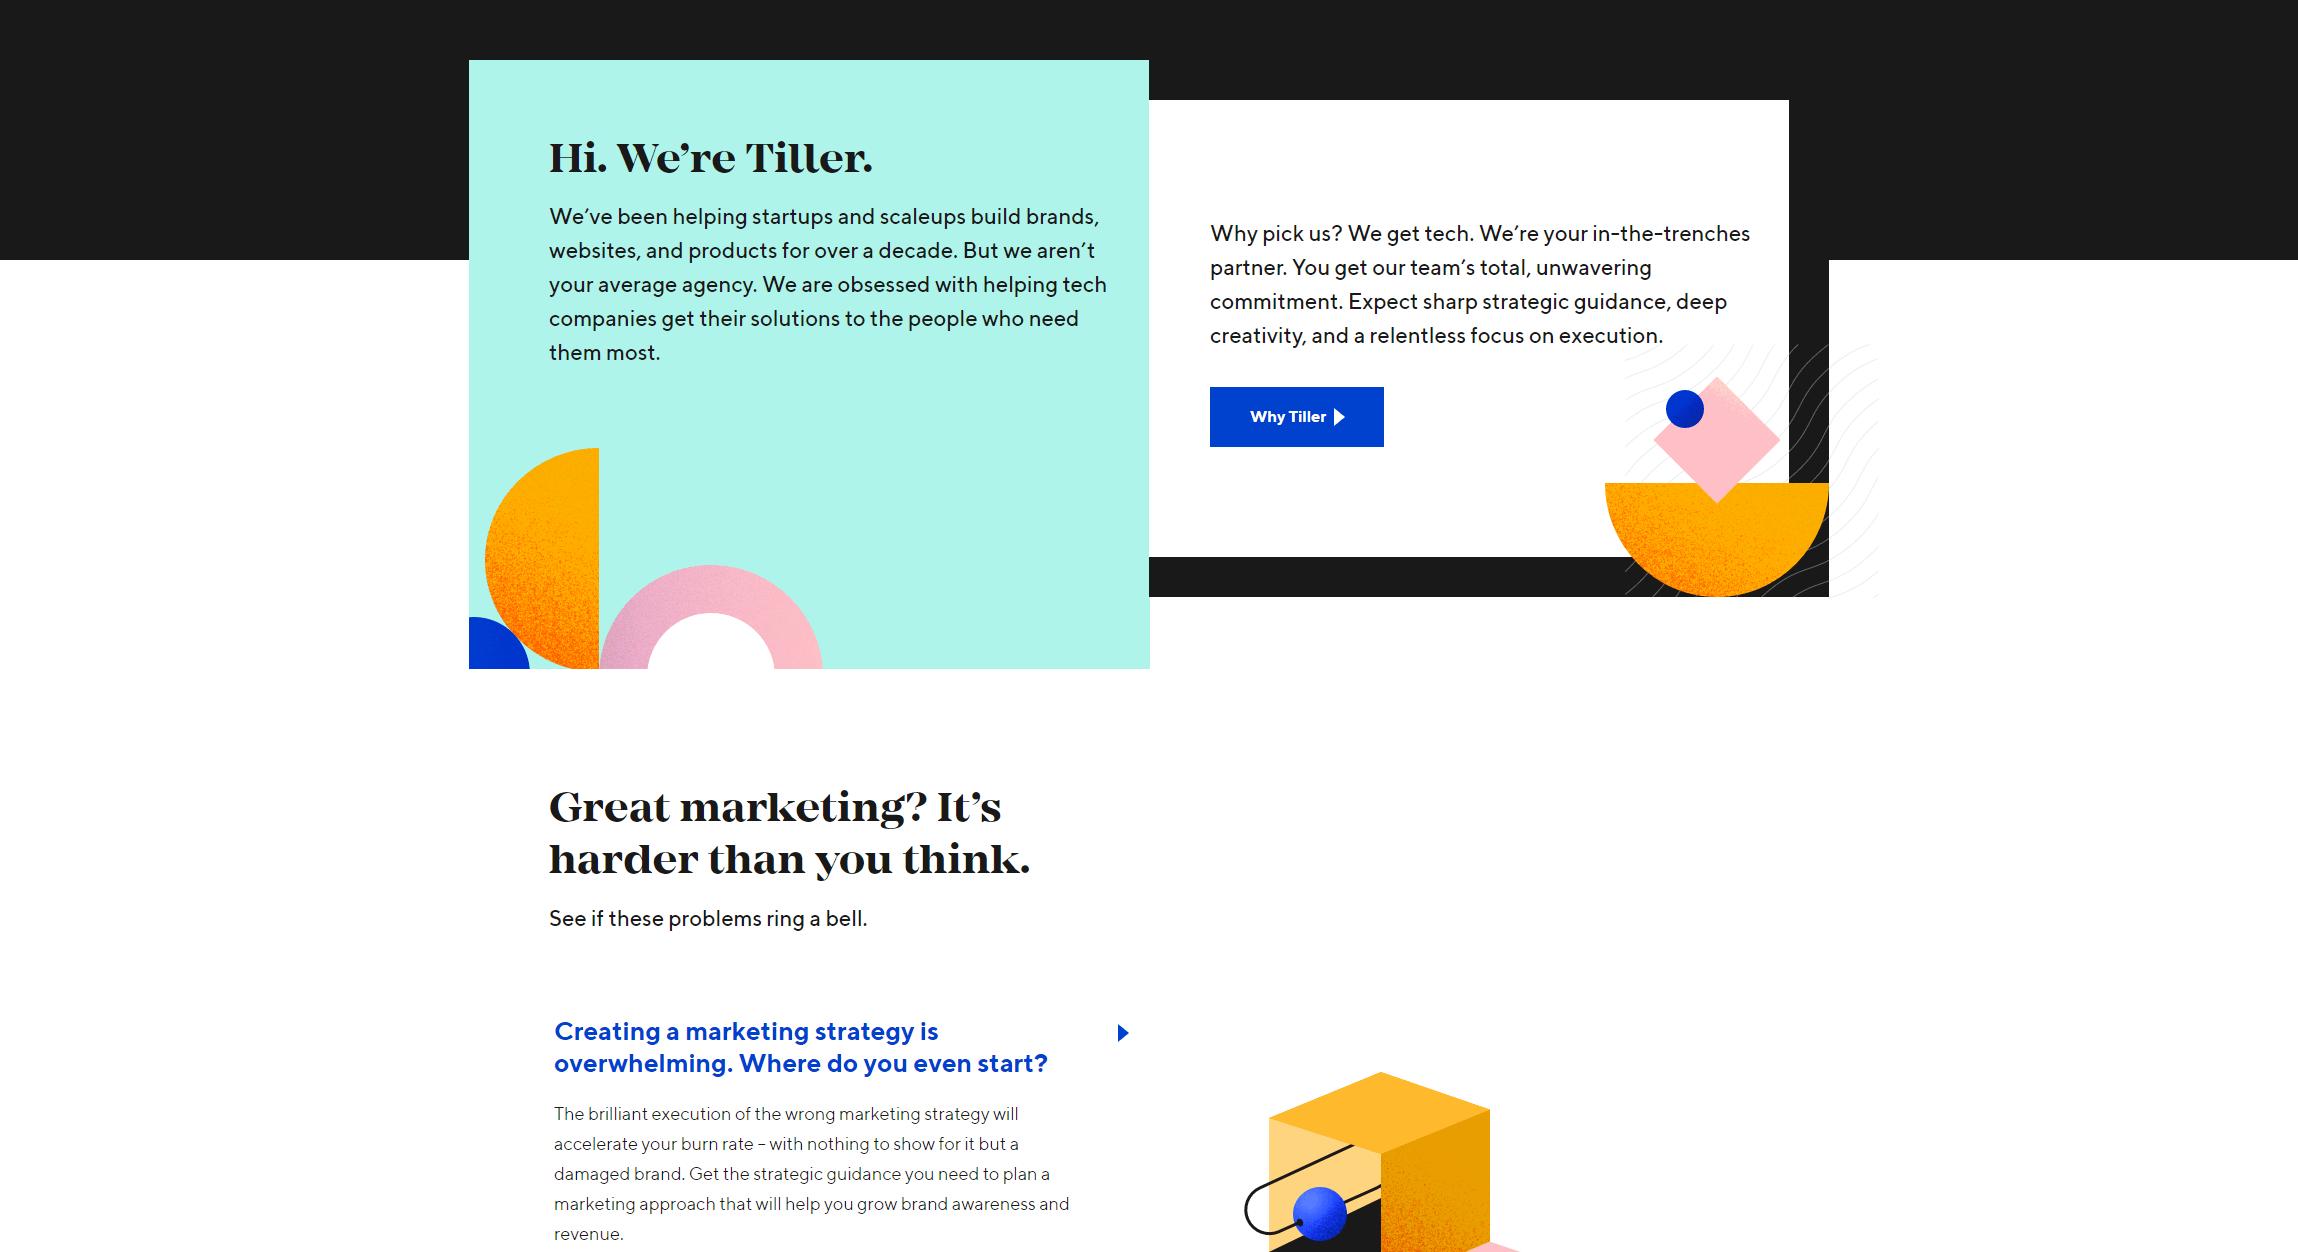 tillerdigital.com-2